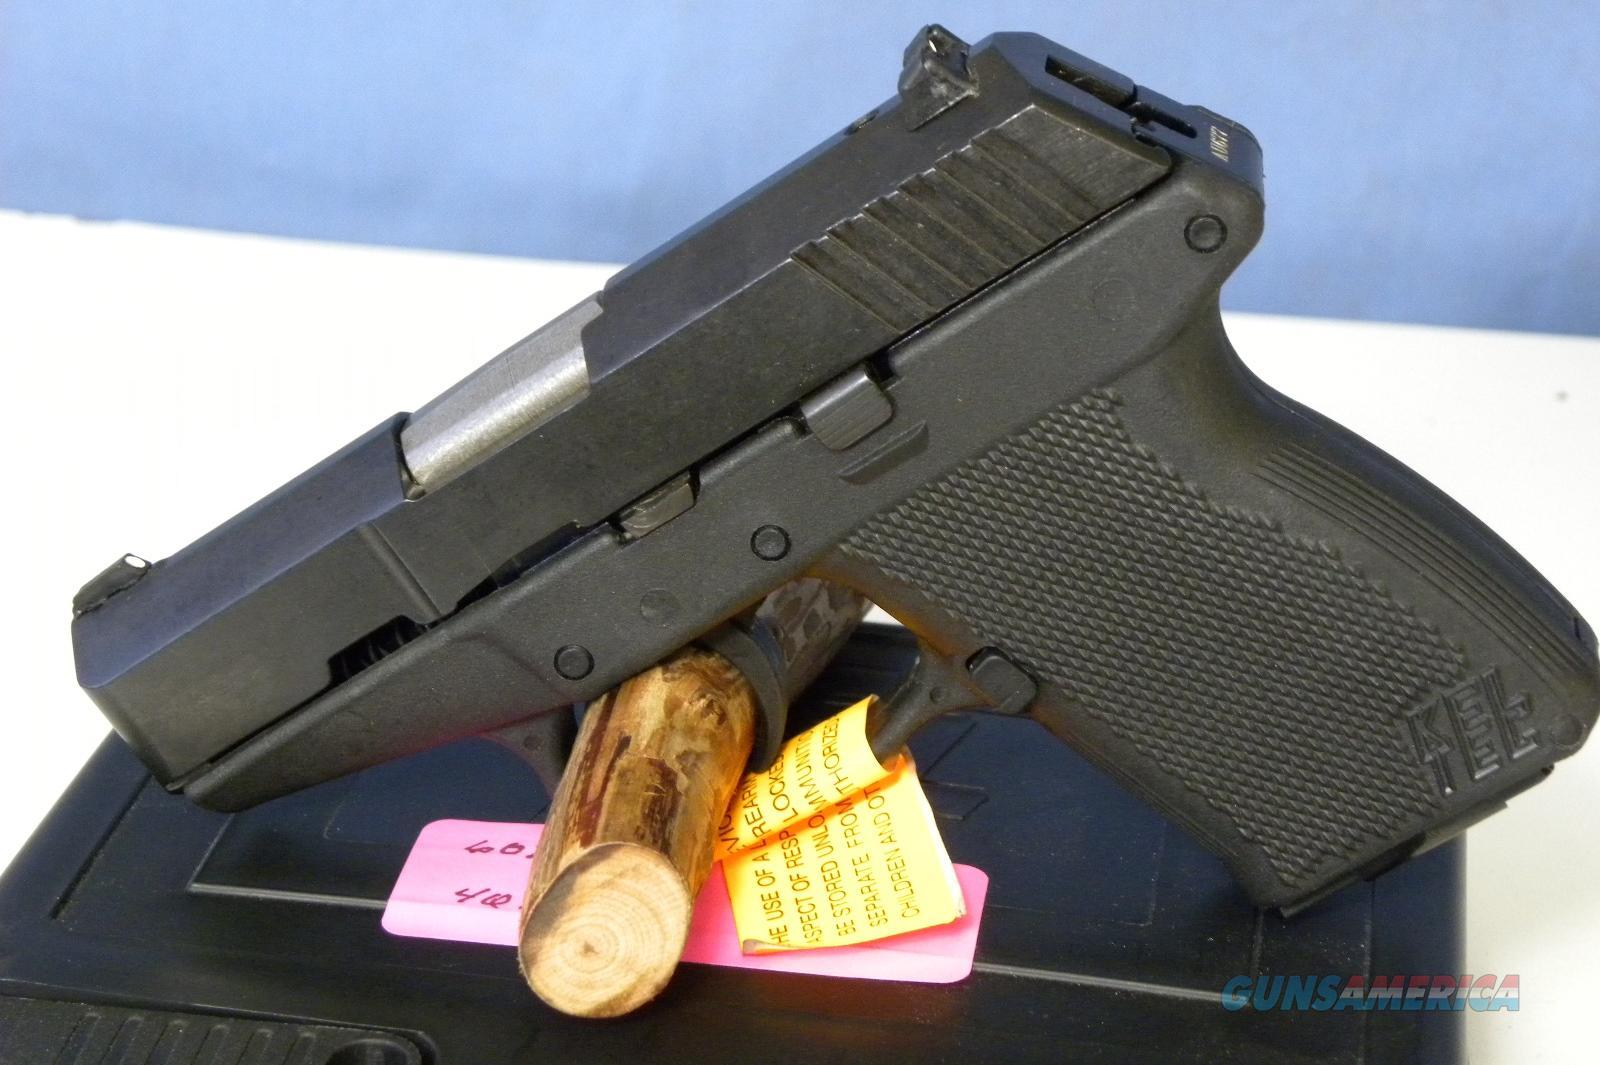 Kel-Tec P11  Guns > Pistols > Kel-Tec Pistols > Pocket Pistol Type